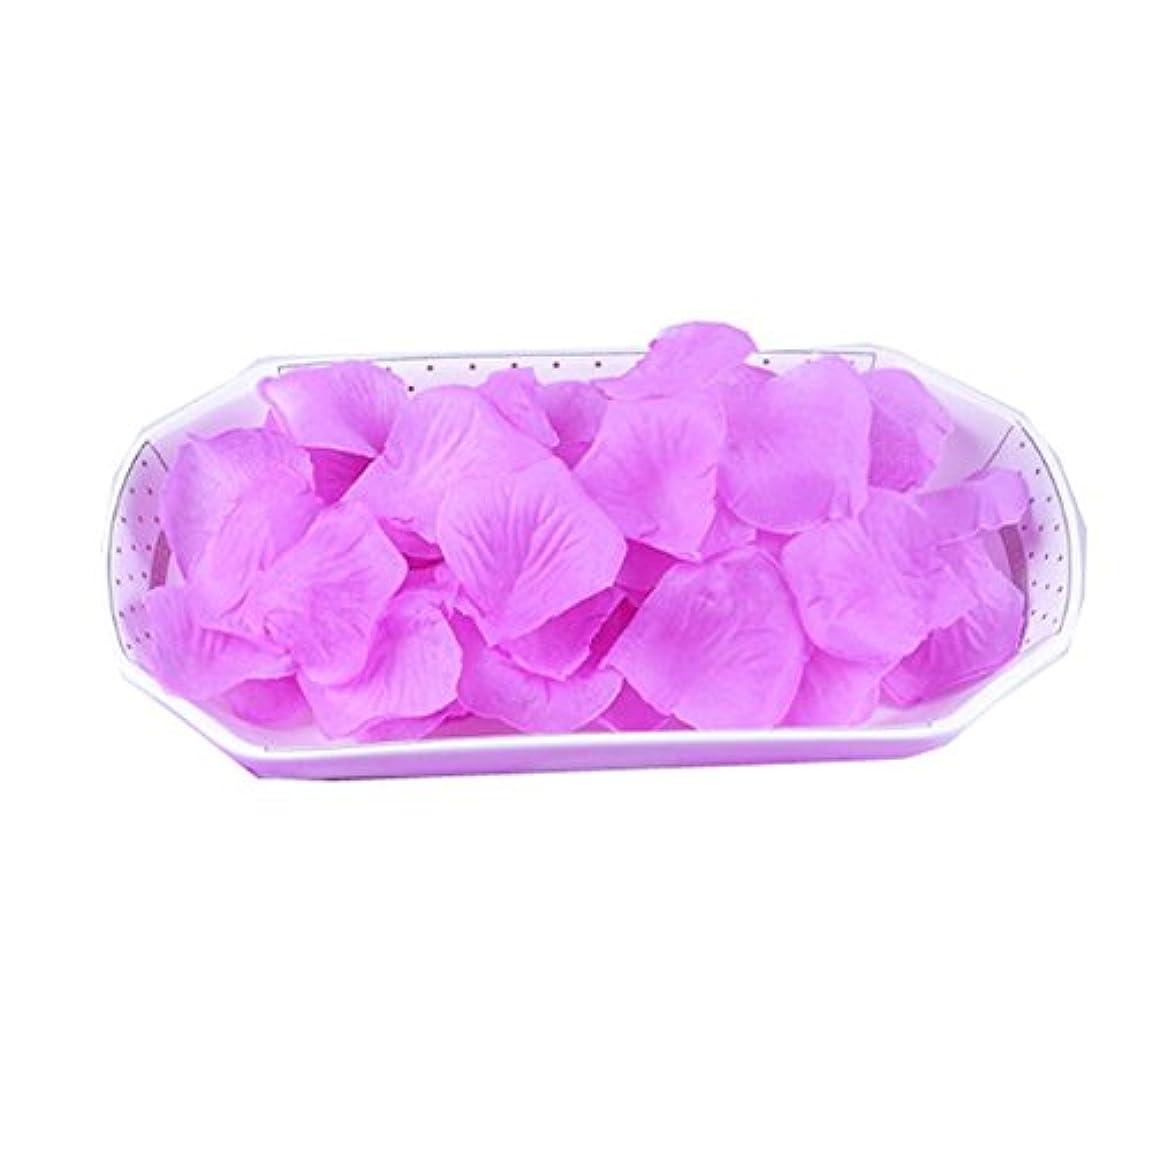 マイク反対する先祖結婚式の2000 PC用の人工花びら紫